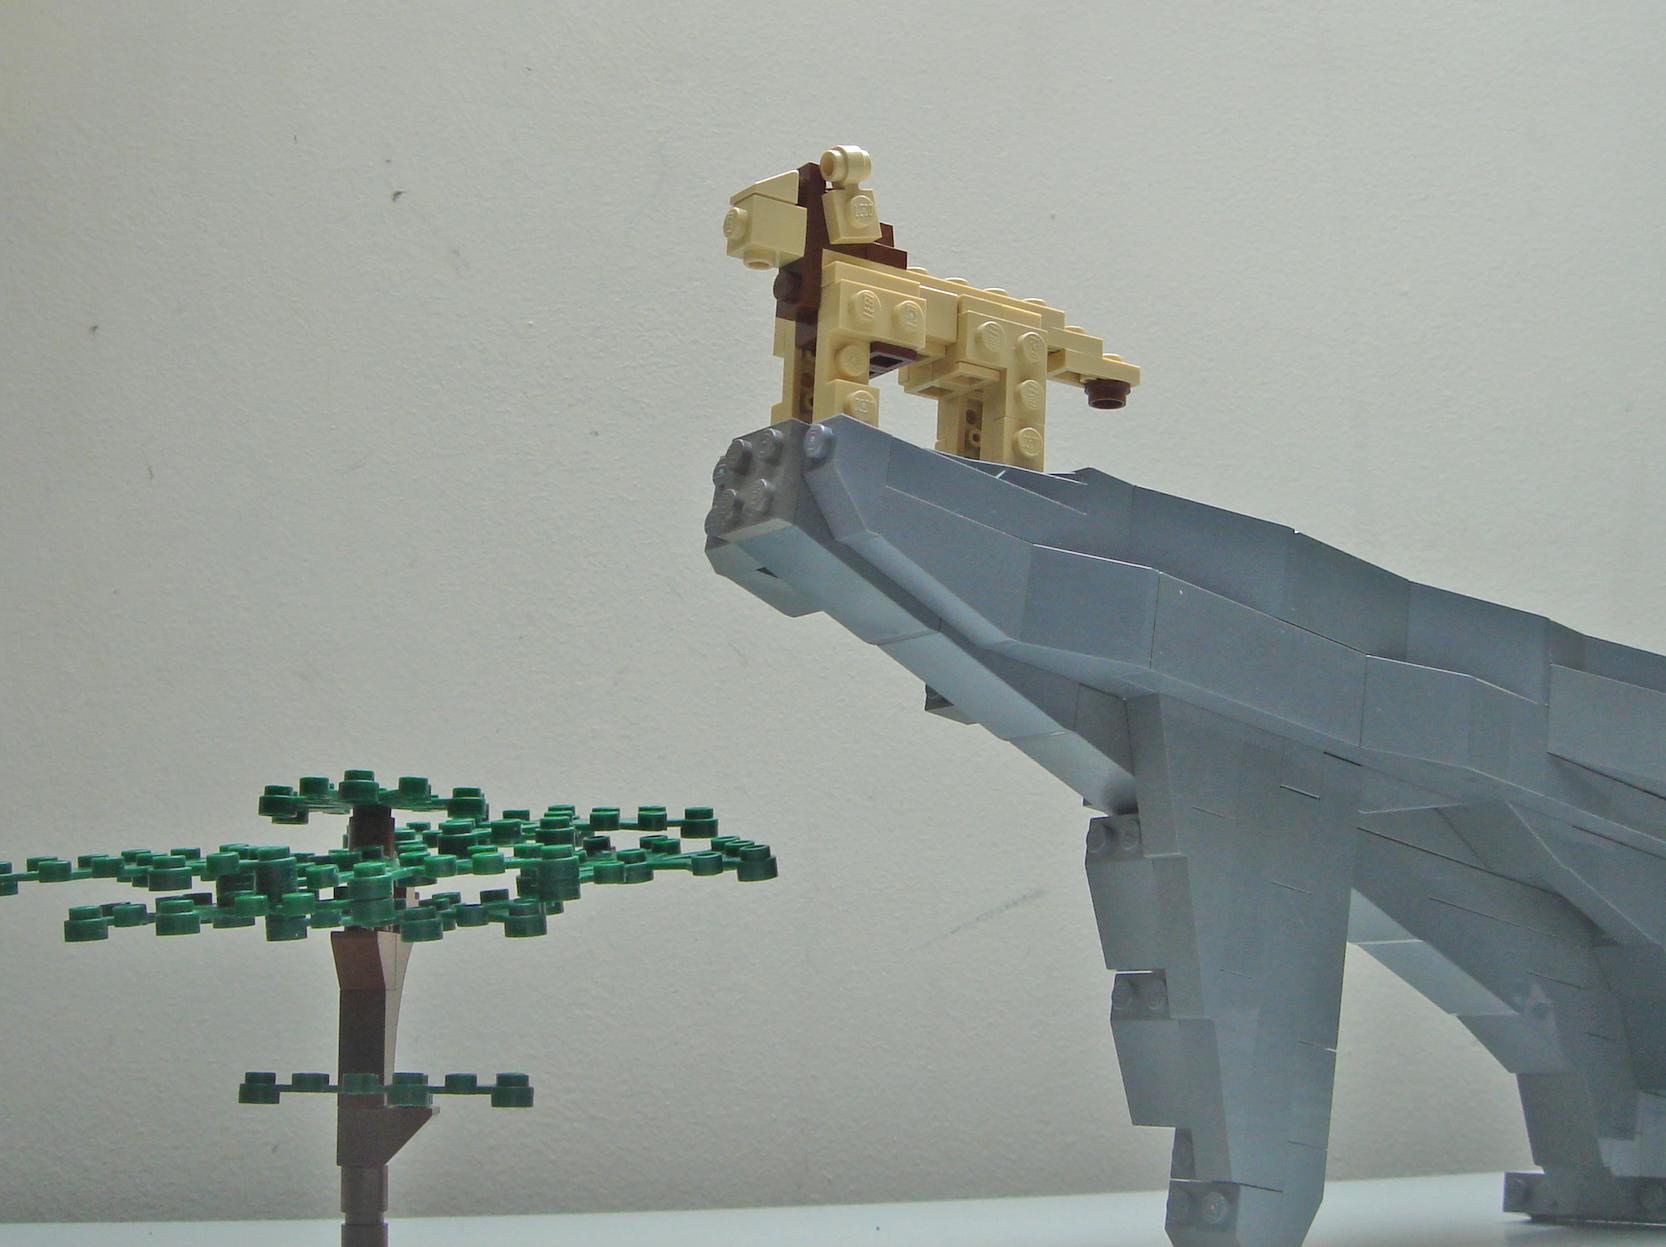 лего в картинках король лев коса стала